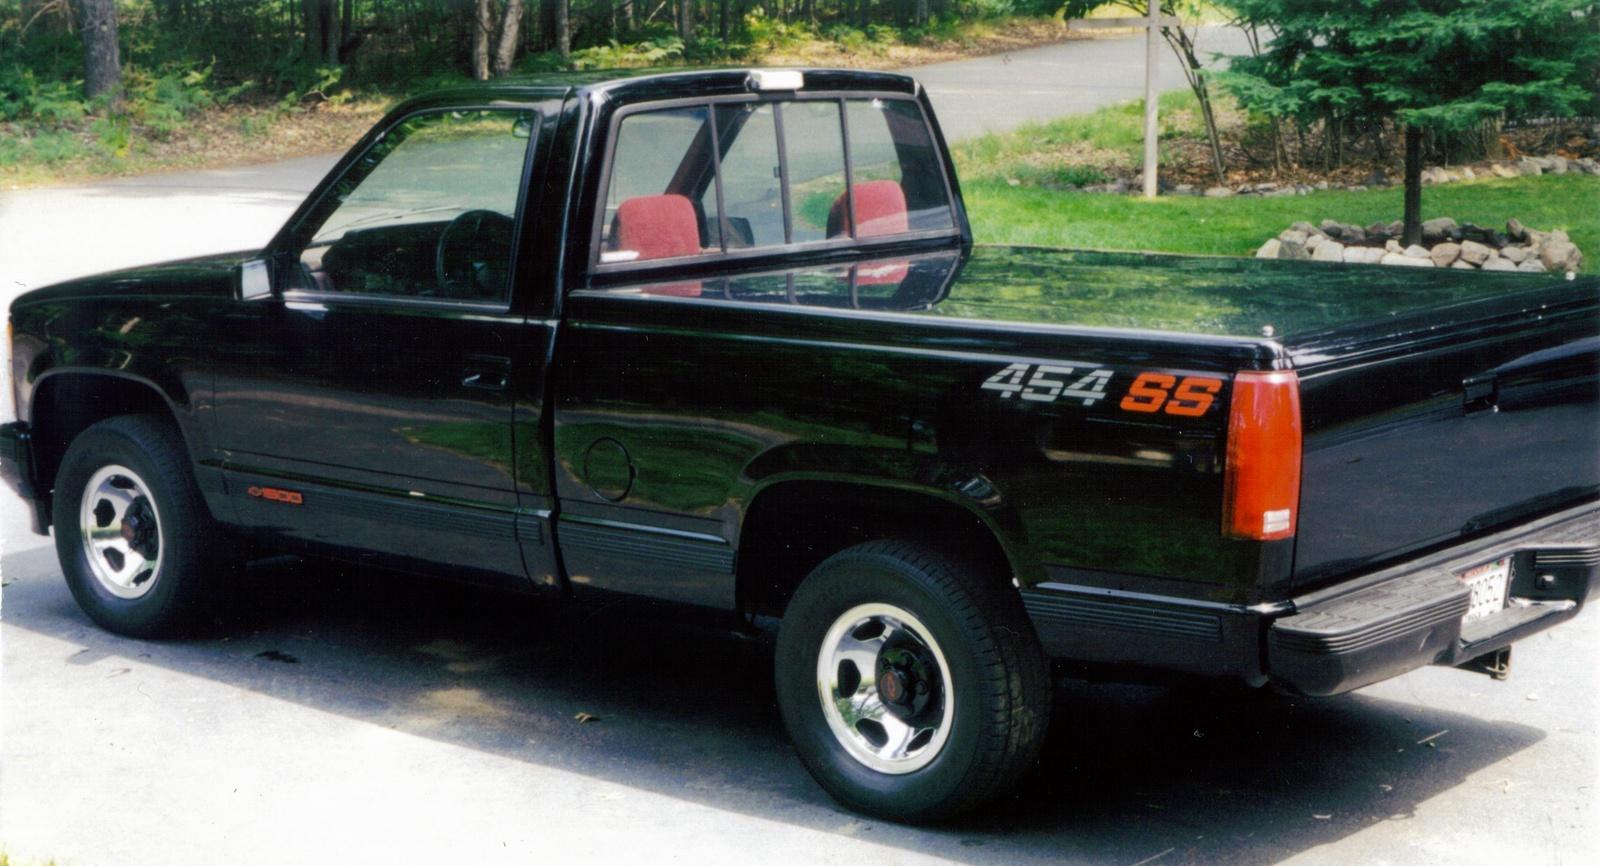 1990 Chevy Silverado 454 SS